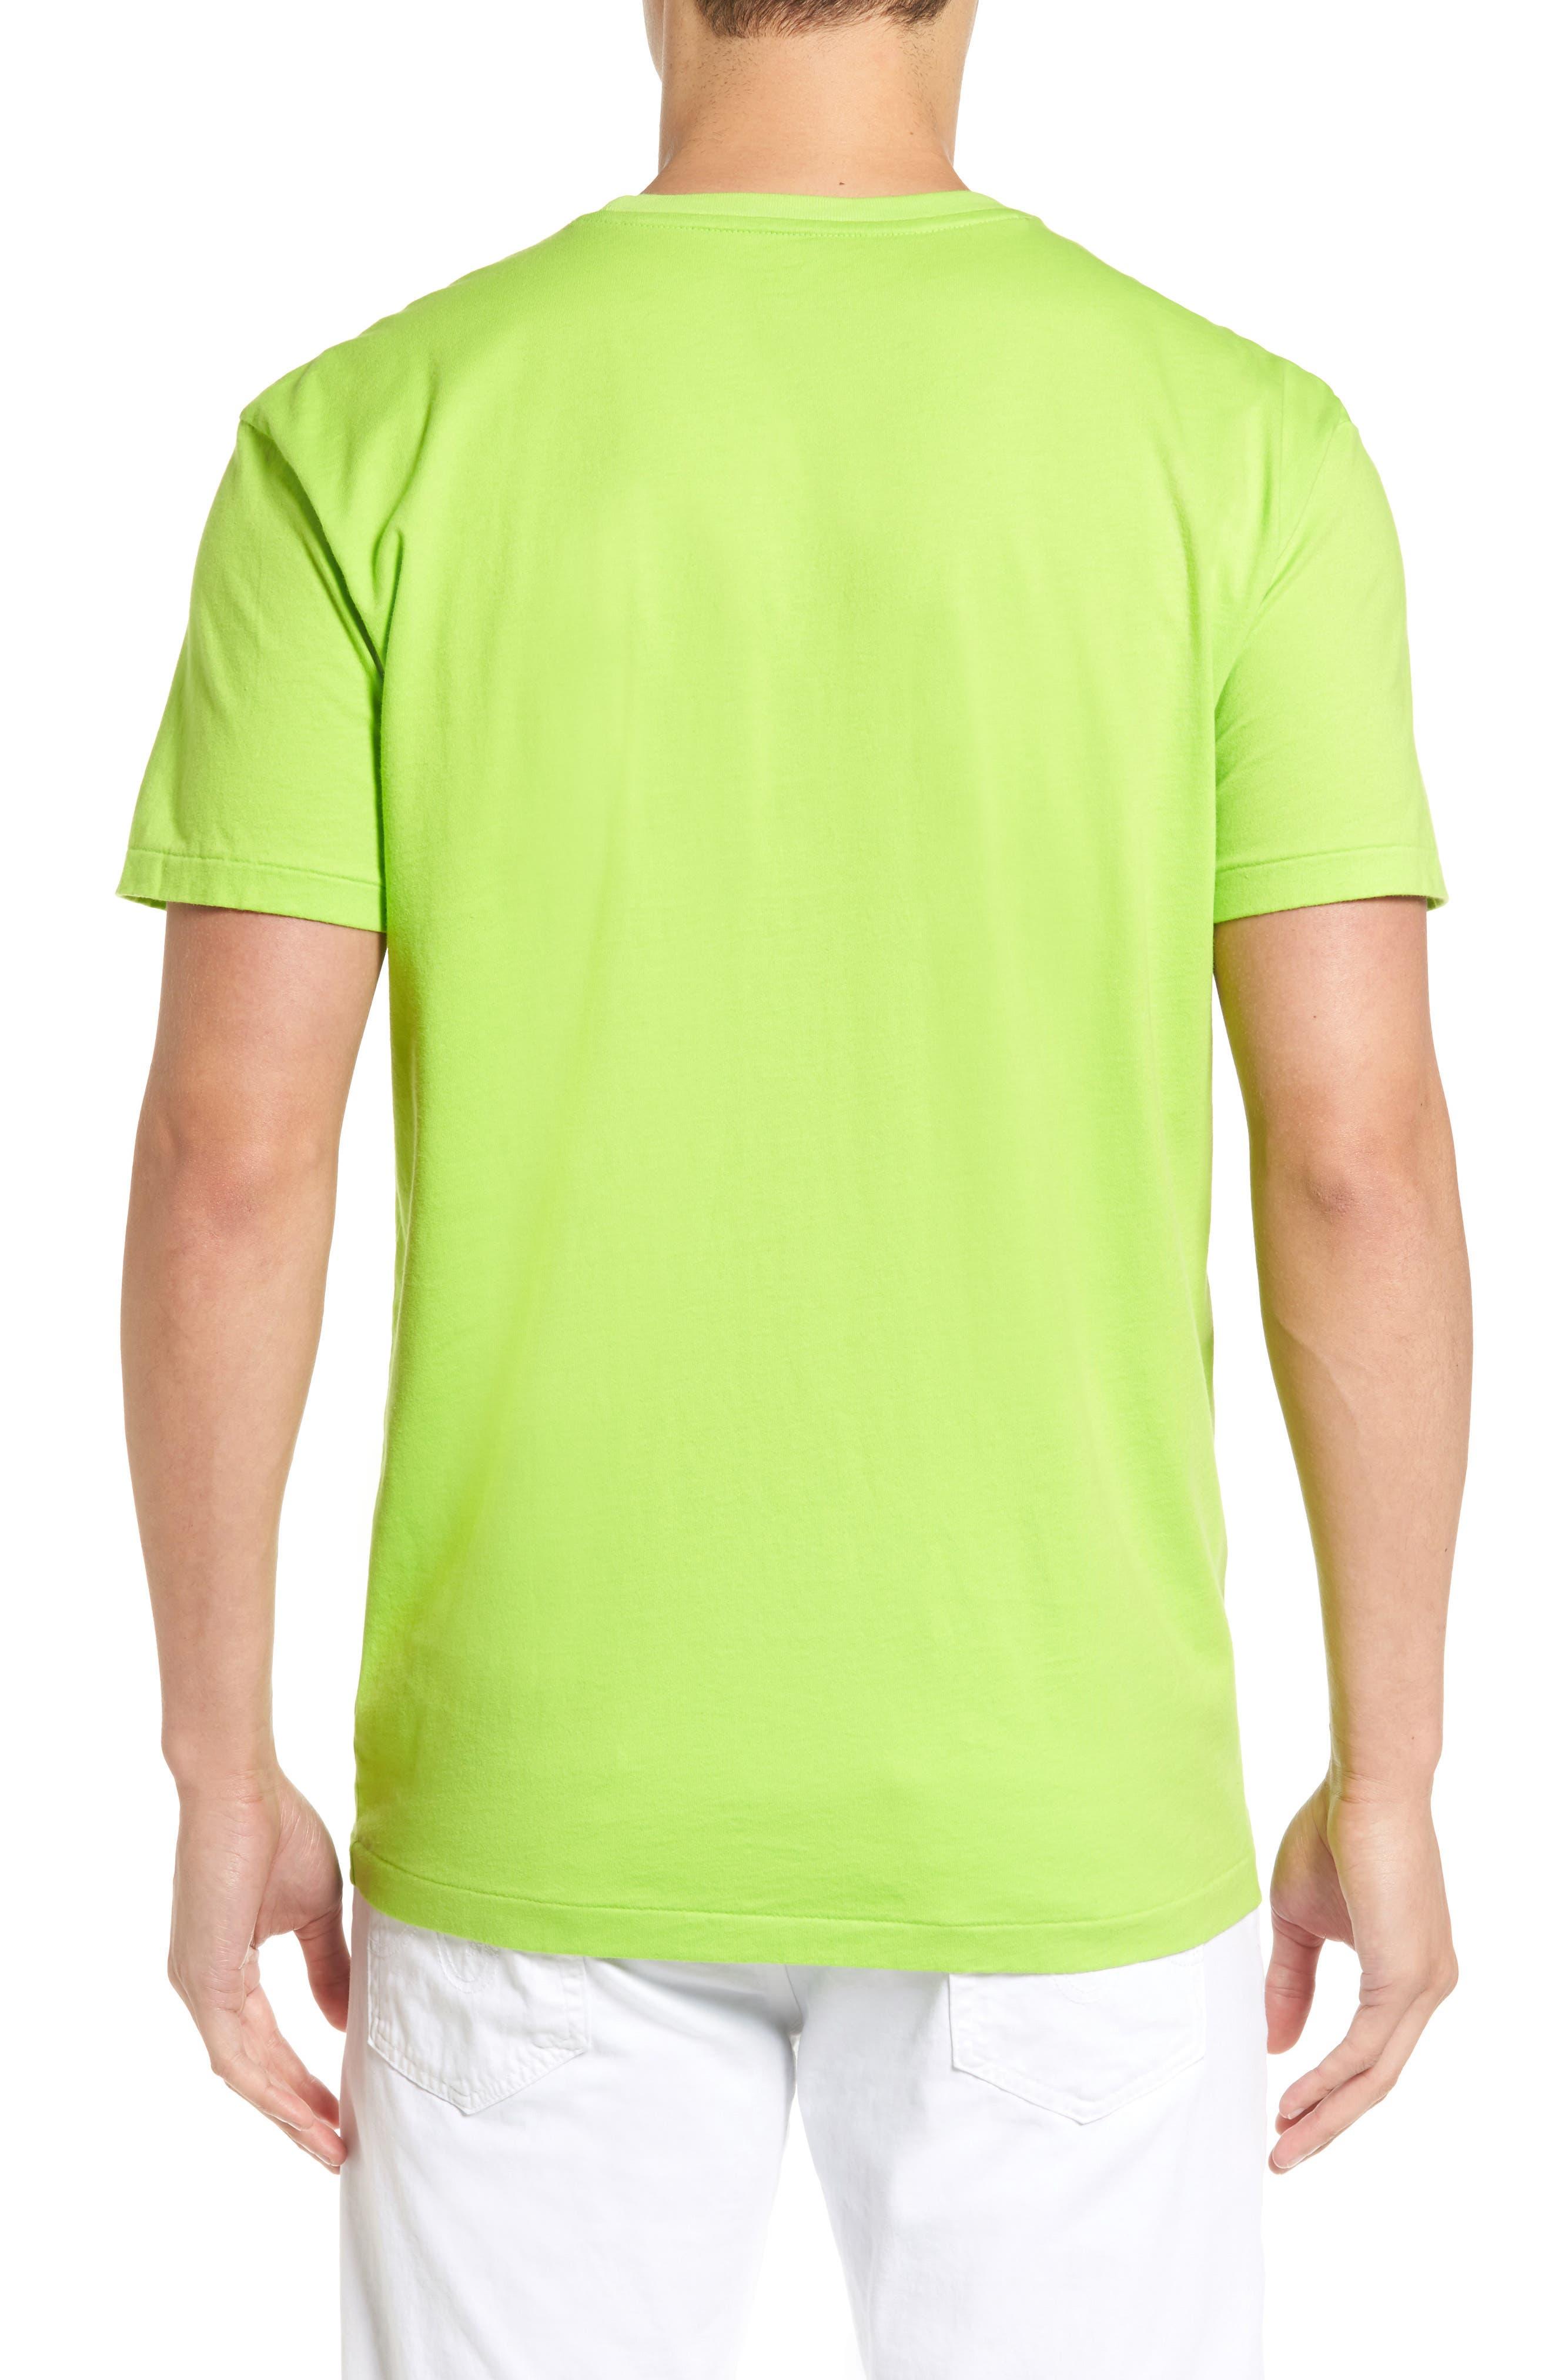 Markham Square T-Shirt,                             Alternate thumbnail 2, color,                             Marathon Green